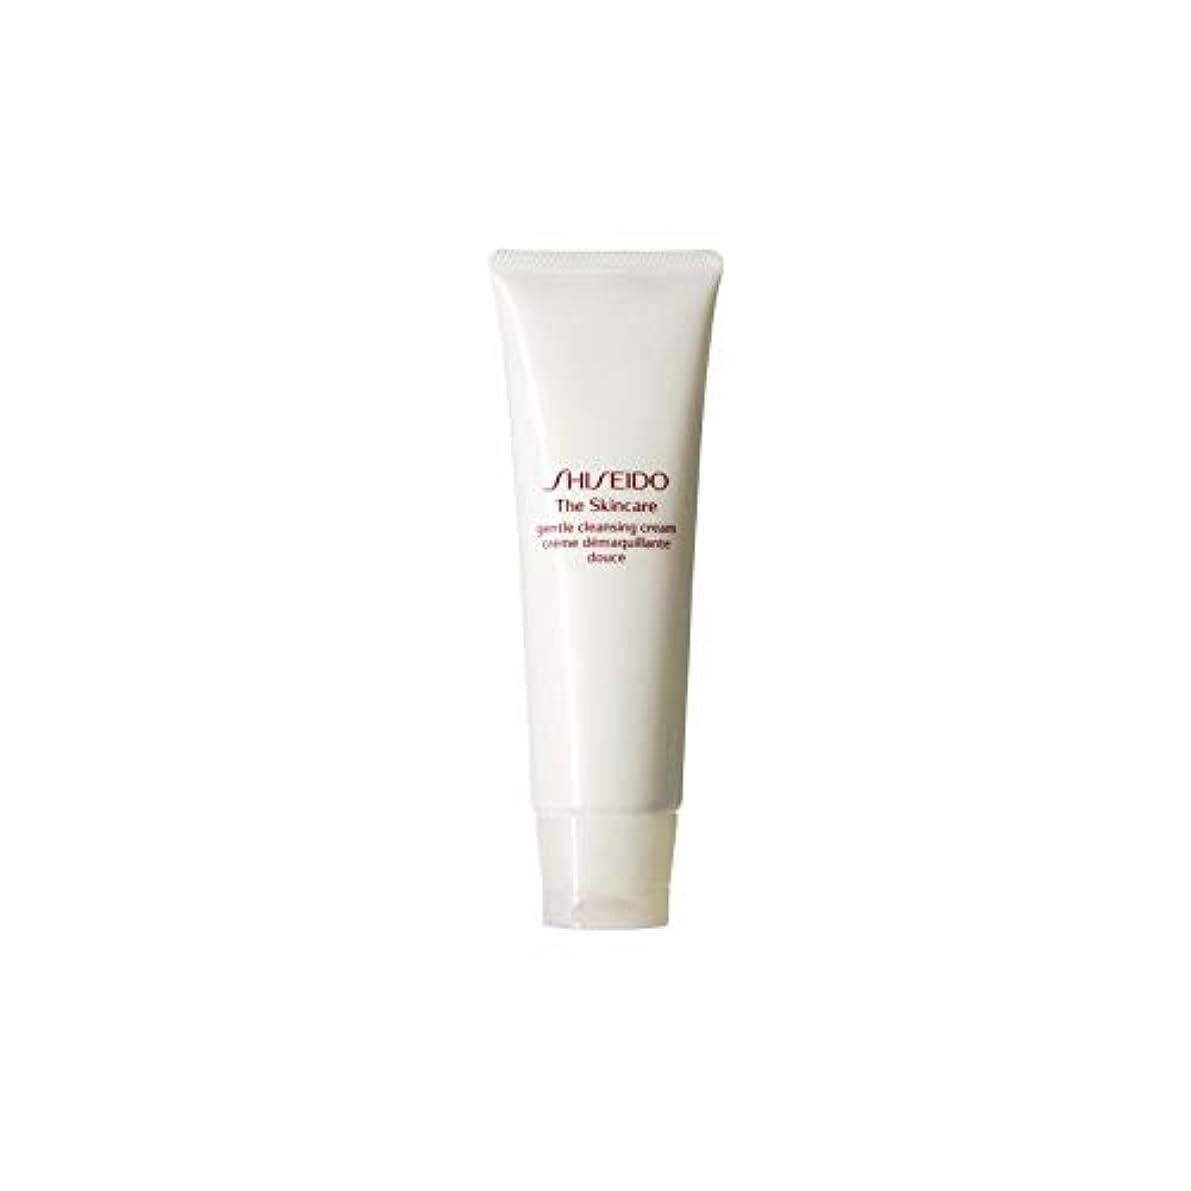 累計争う留まる[Shiseido ] 資生堂スキンケアの必需品ジェントルクレンジングクリーム(125ミリリットル) - Shiseido The Skincare Essentials Gentle Cleansing Cream (...